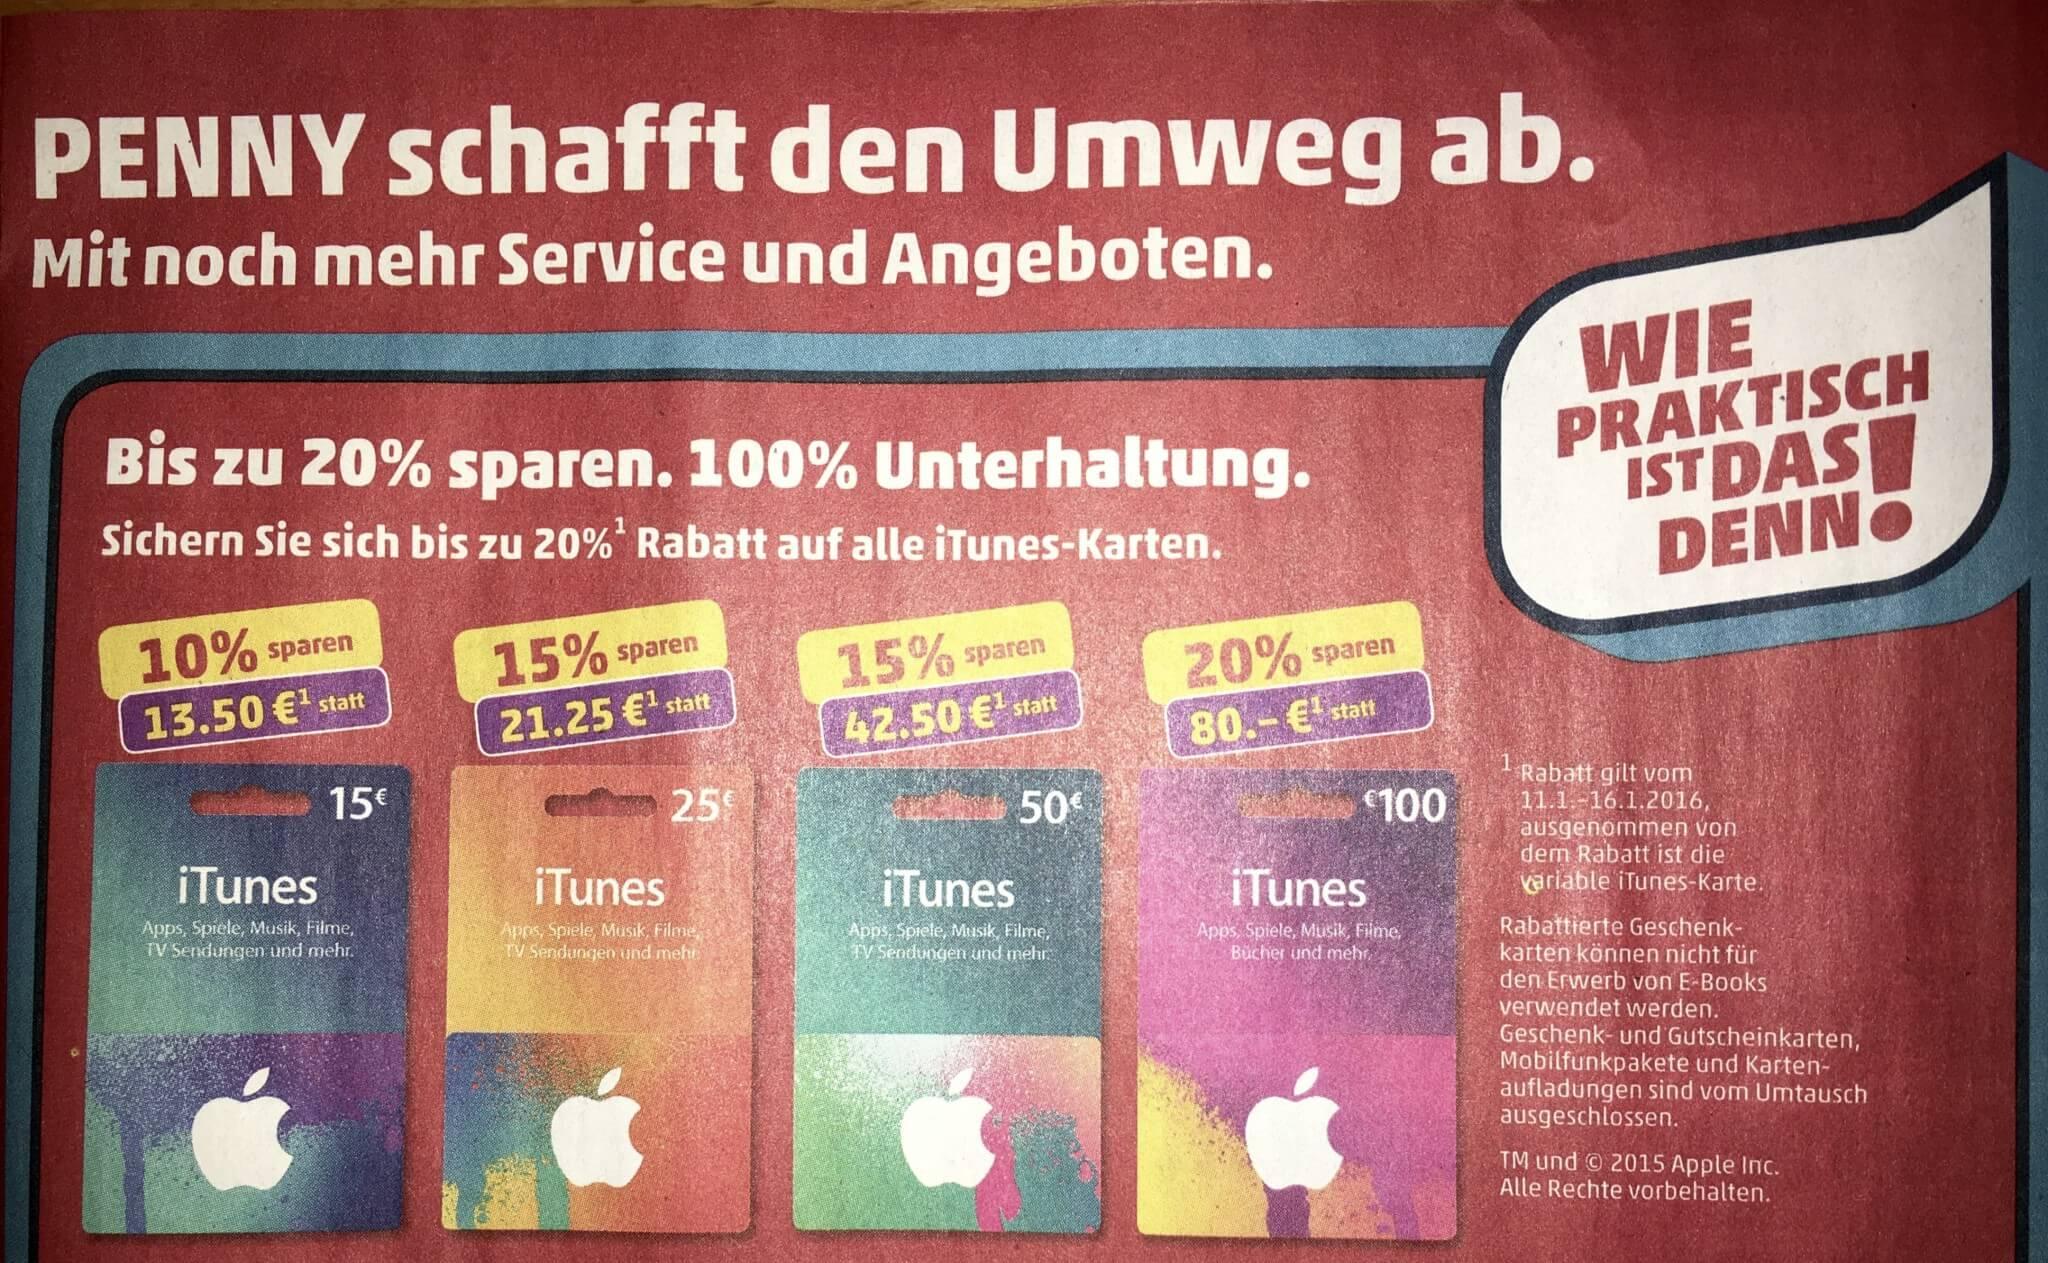 Rabatt auf iTunes-Guthabenkarten bei Penny (Foto von Penny-Prospekt)